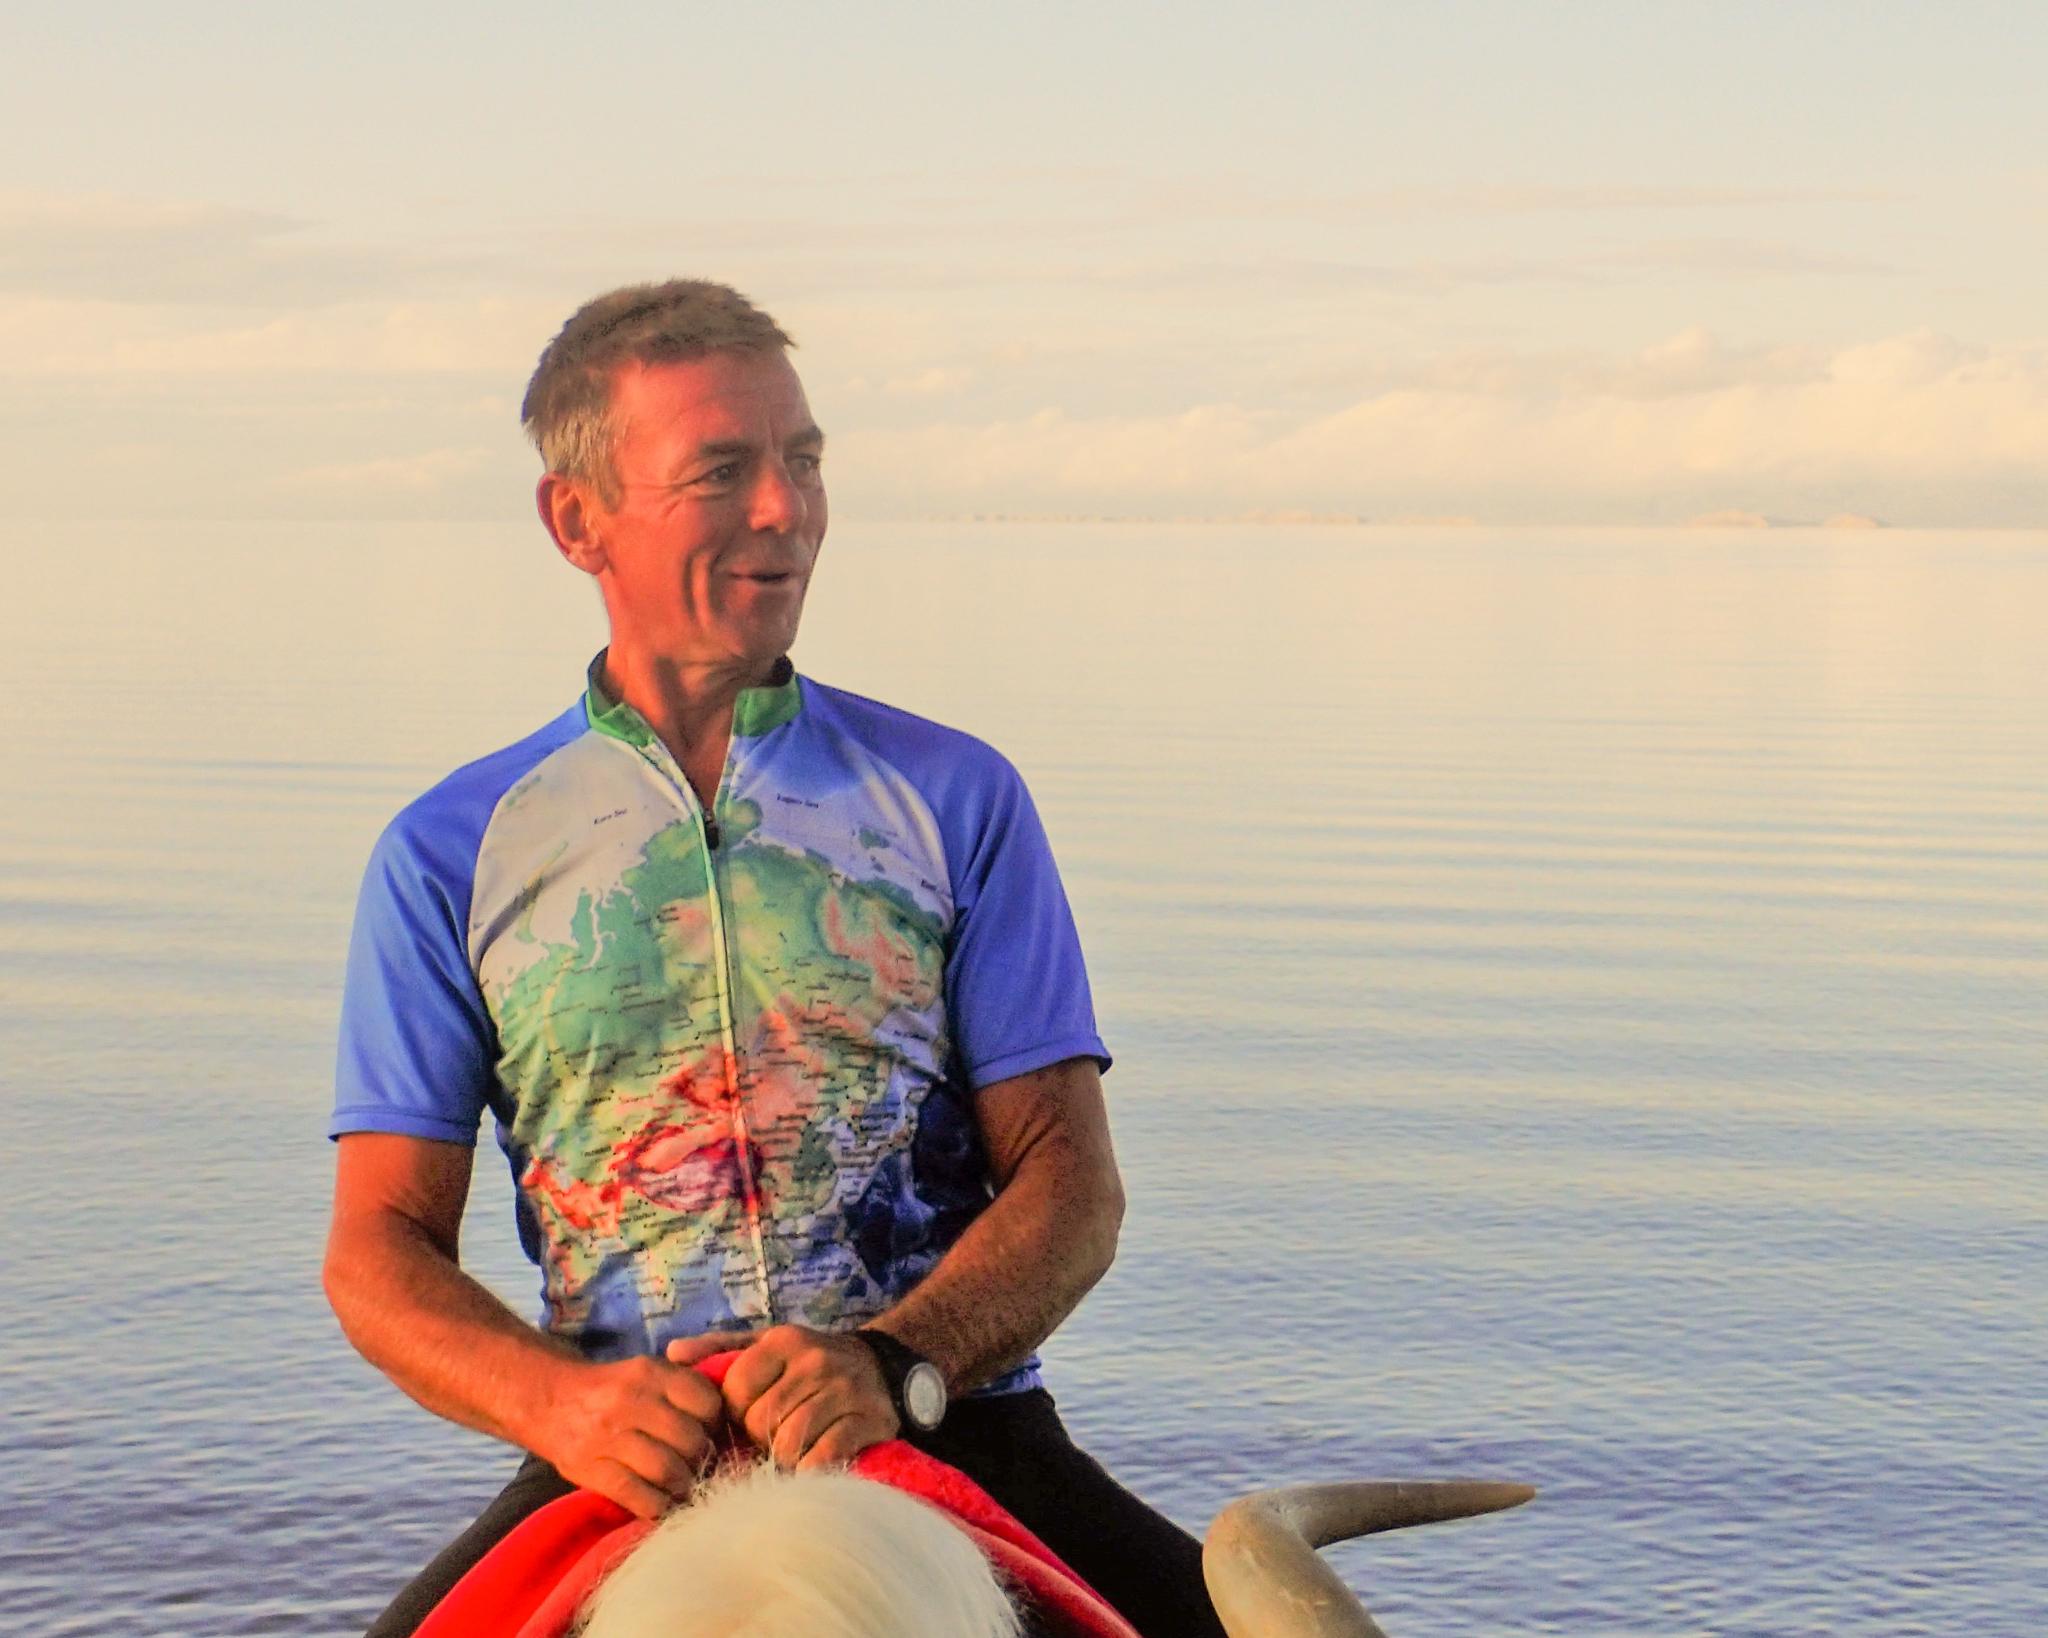 Keith, Yak riding